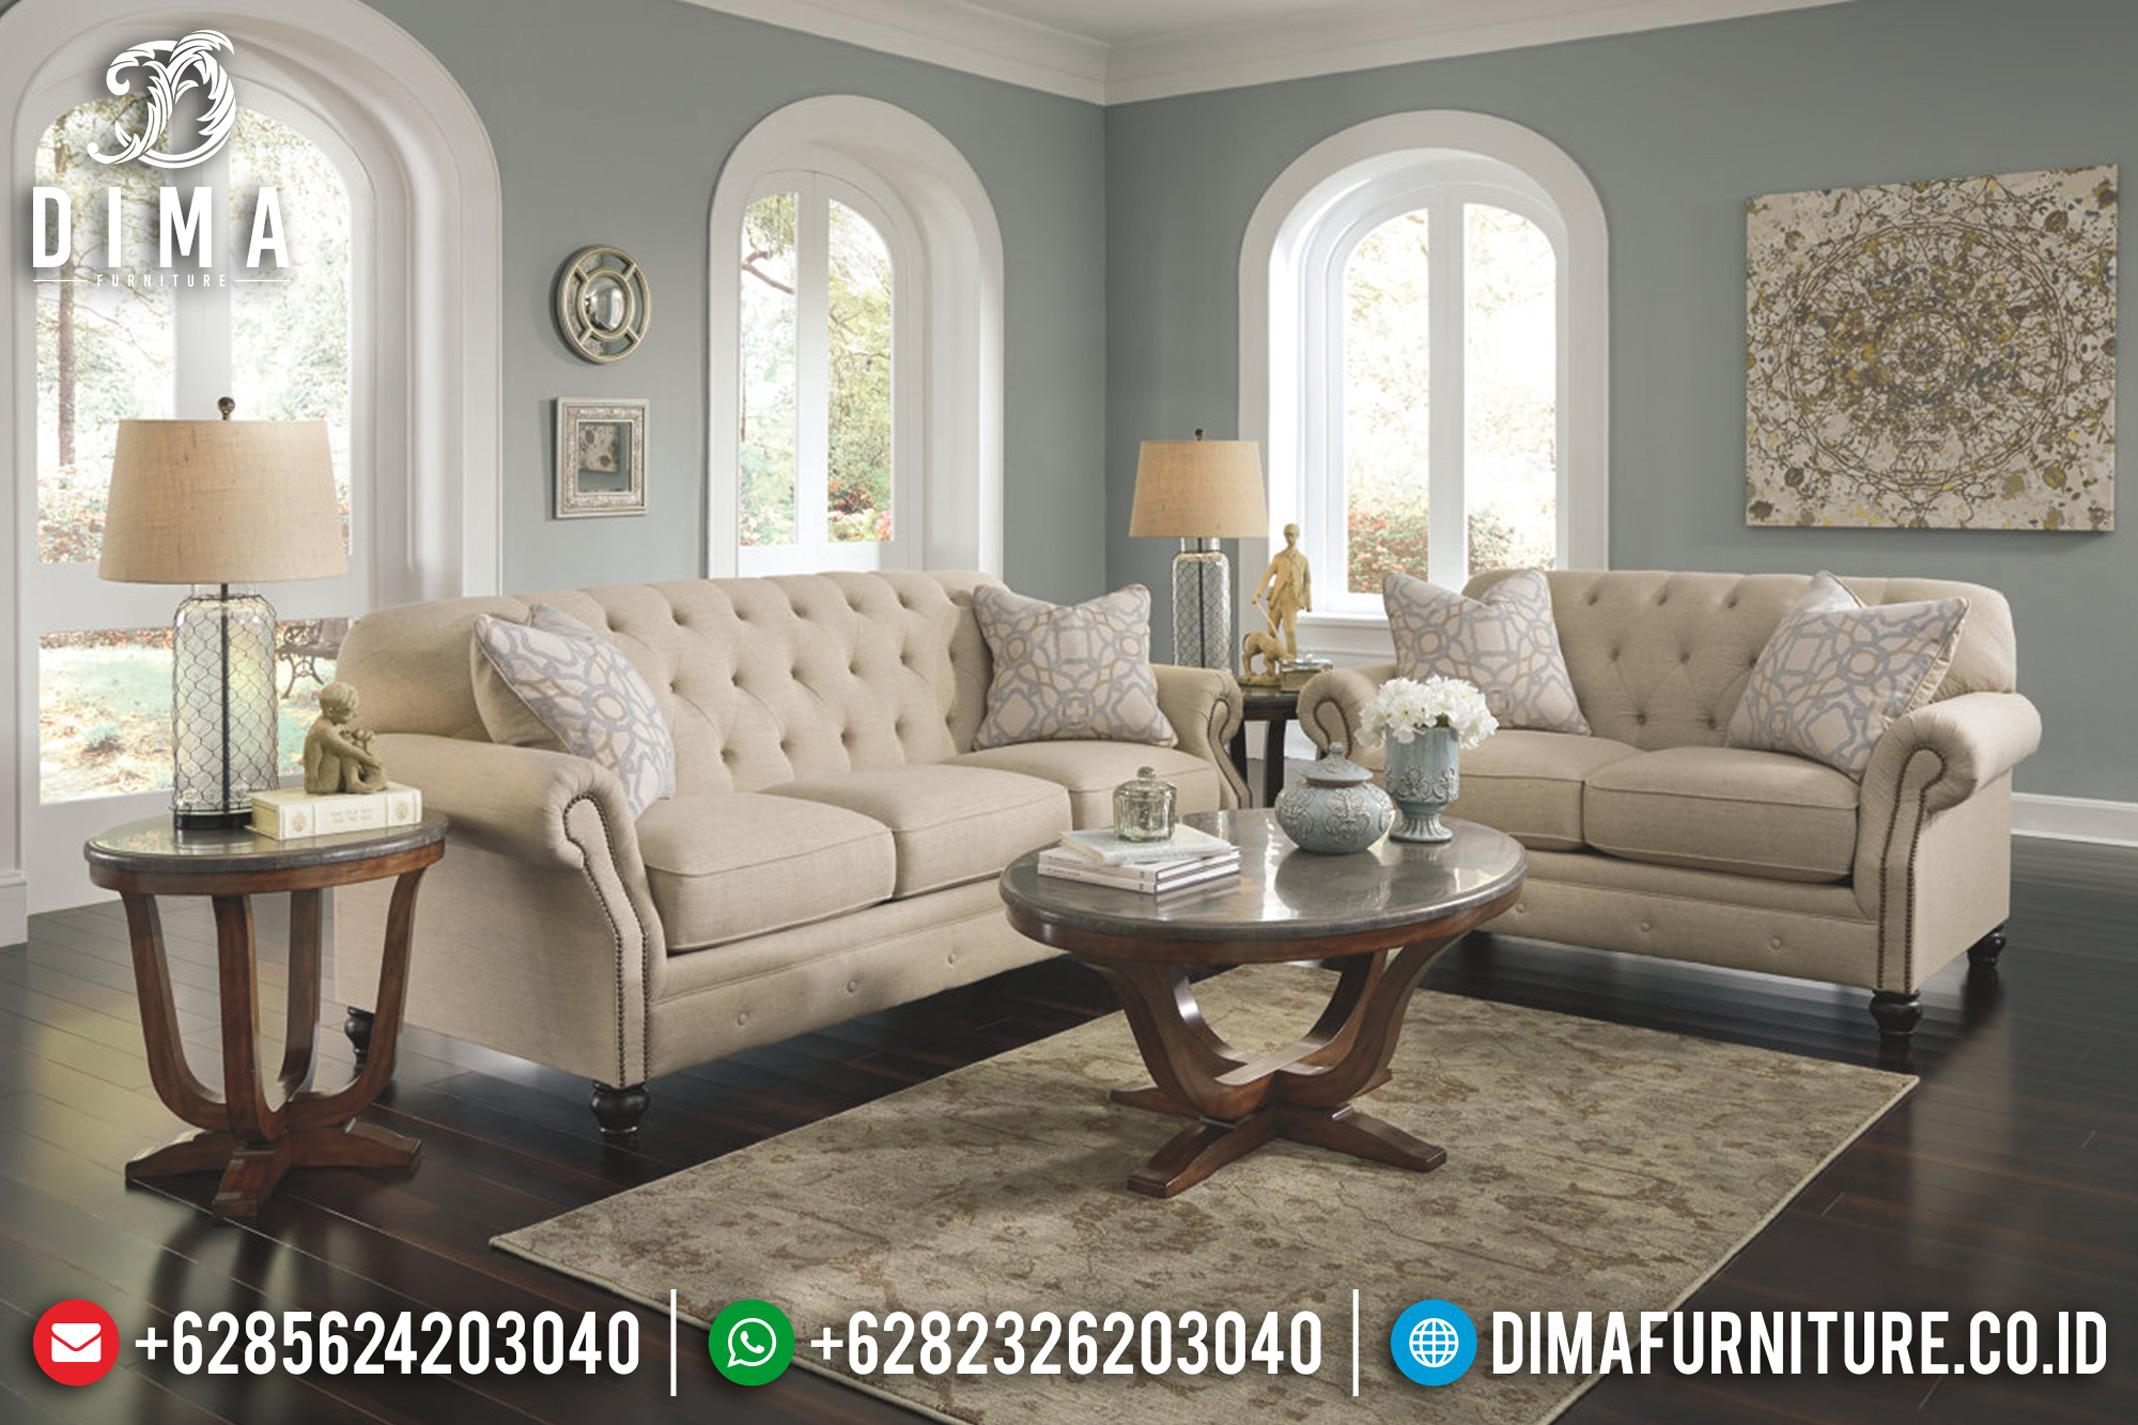 Sofa Tamu Minimalis Jepara, Kursi Sofa Tamu Mewah, Sofa Ruang Tamu Jati DF-0844